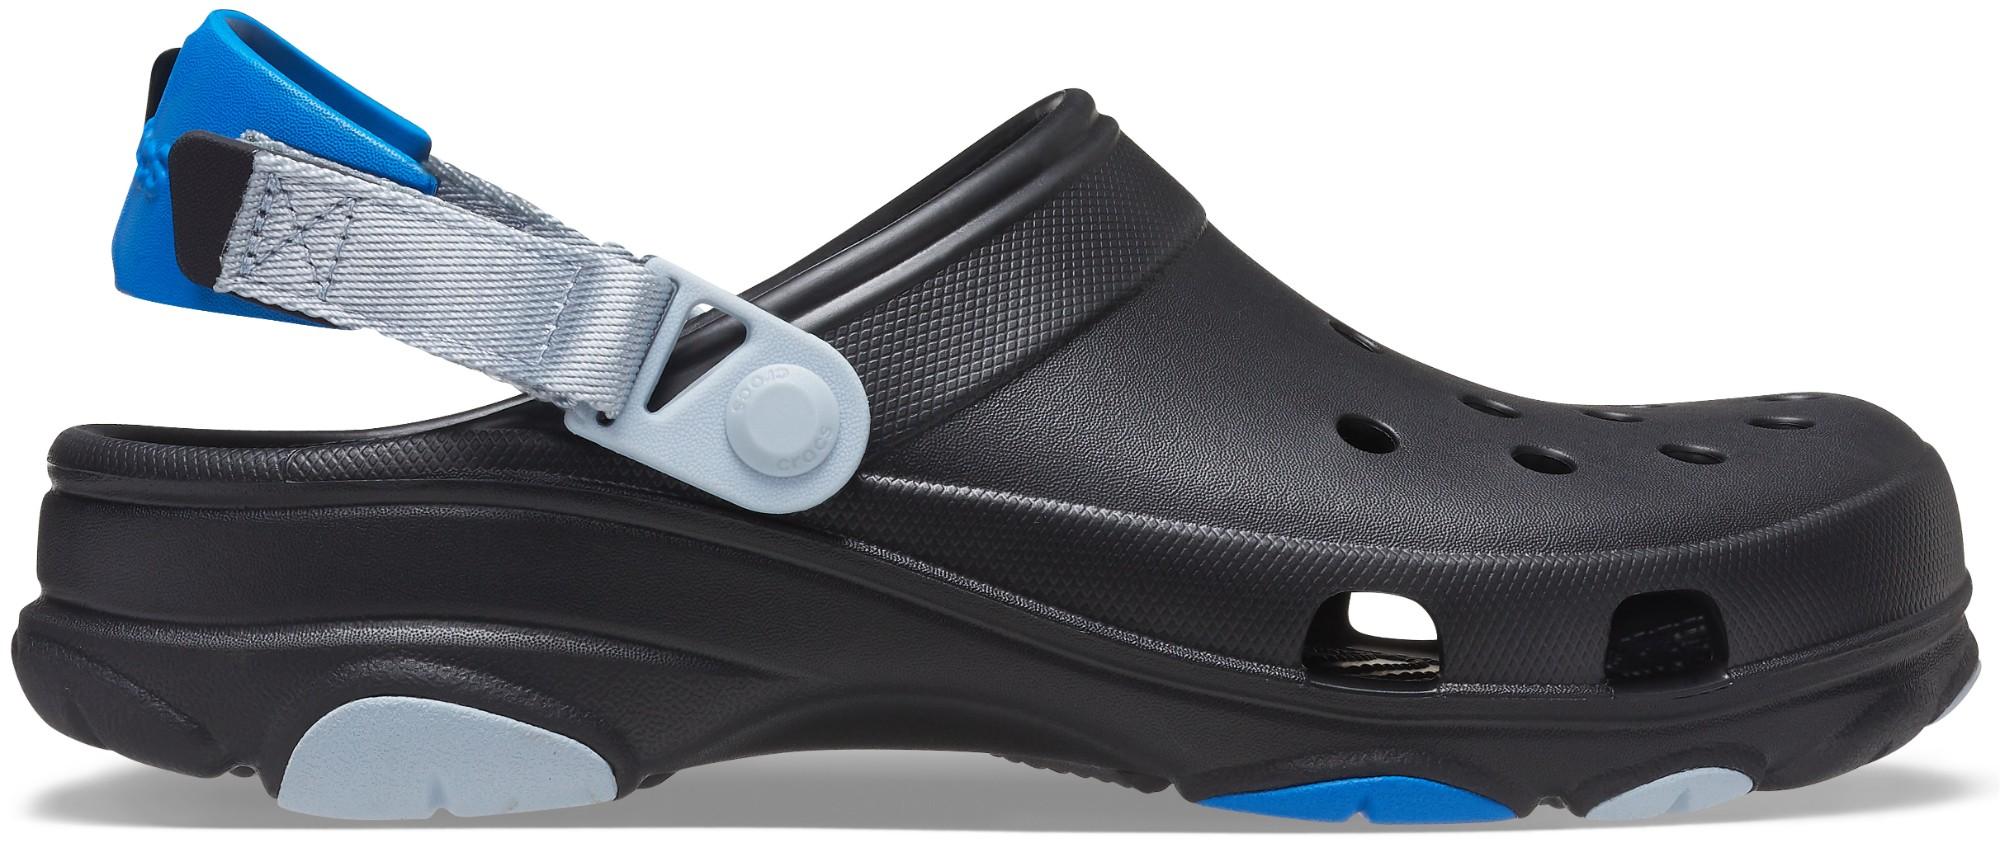 Crocs™ Classic All Terrain Clog Black/Blue Grey 42,5